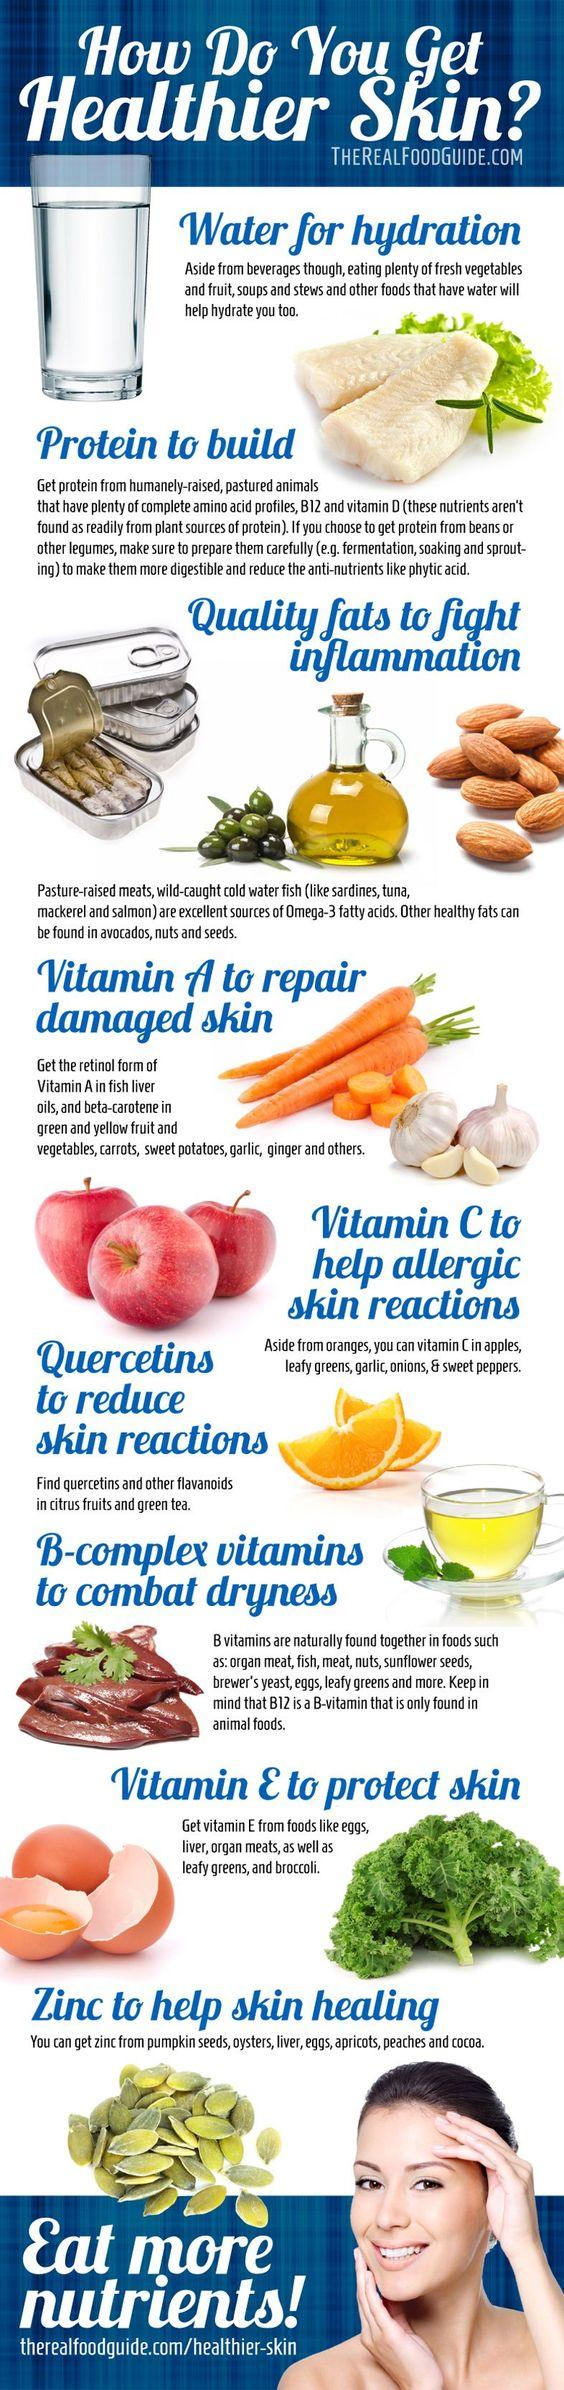 how do you get healthier skin